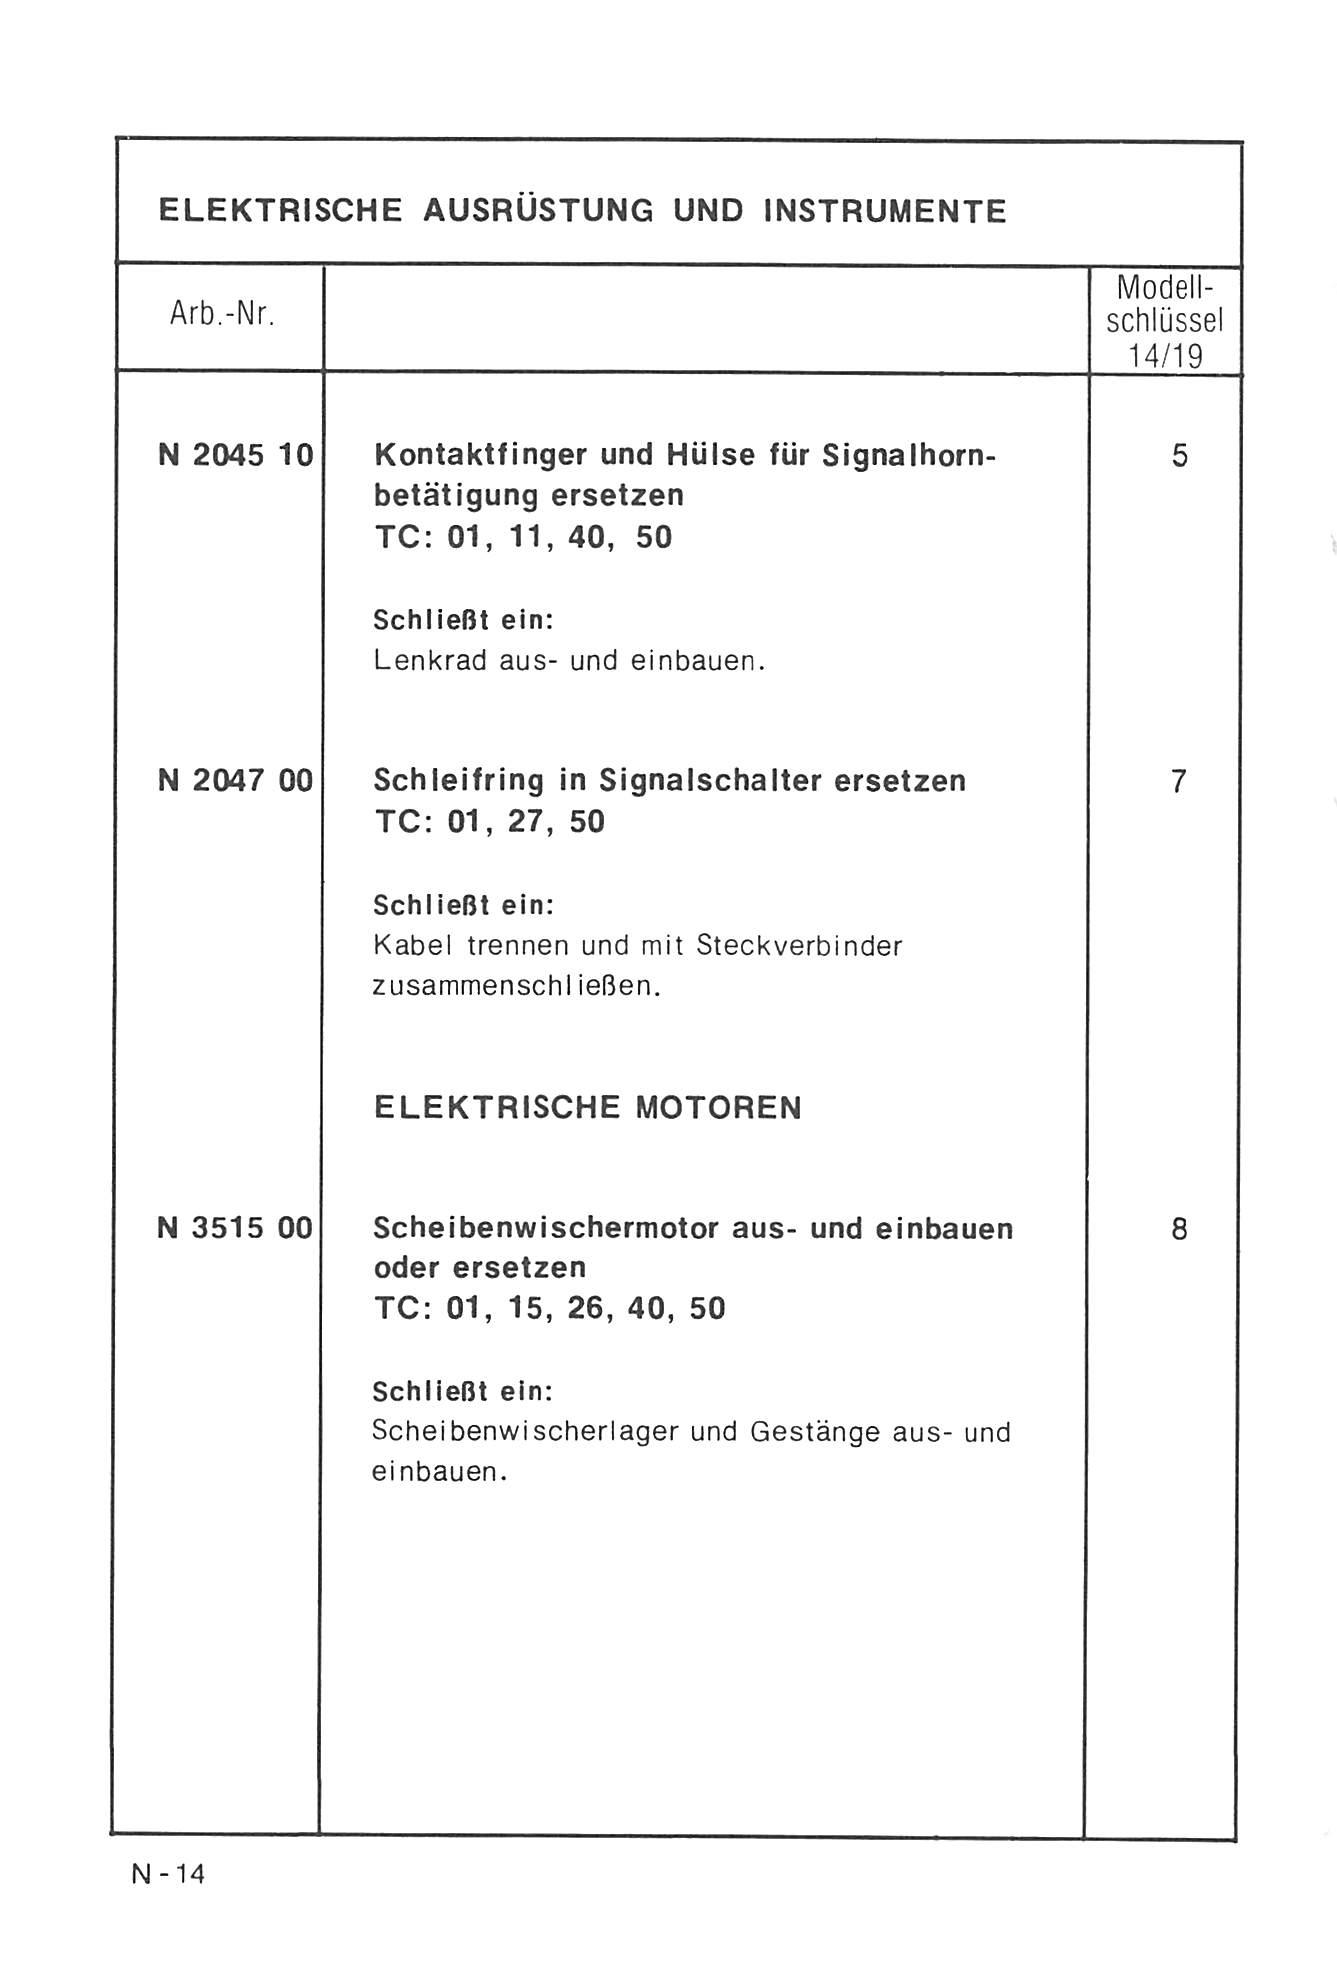 Groß Elektrische Verdrahtung Farbkarte Bilder - Elektrische ...